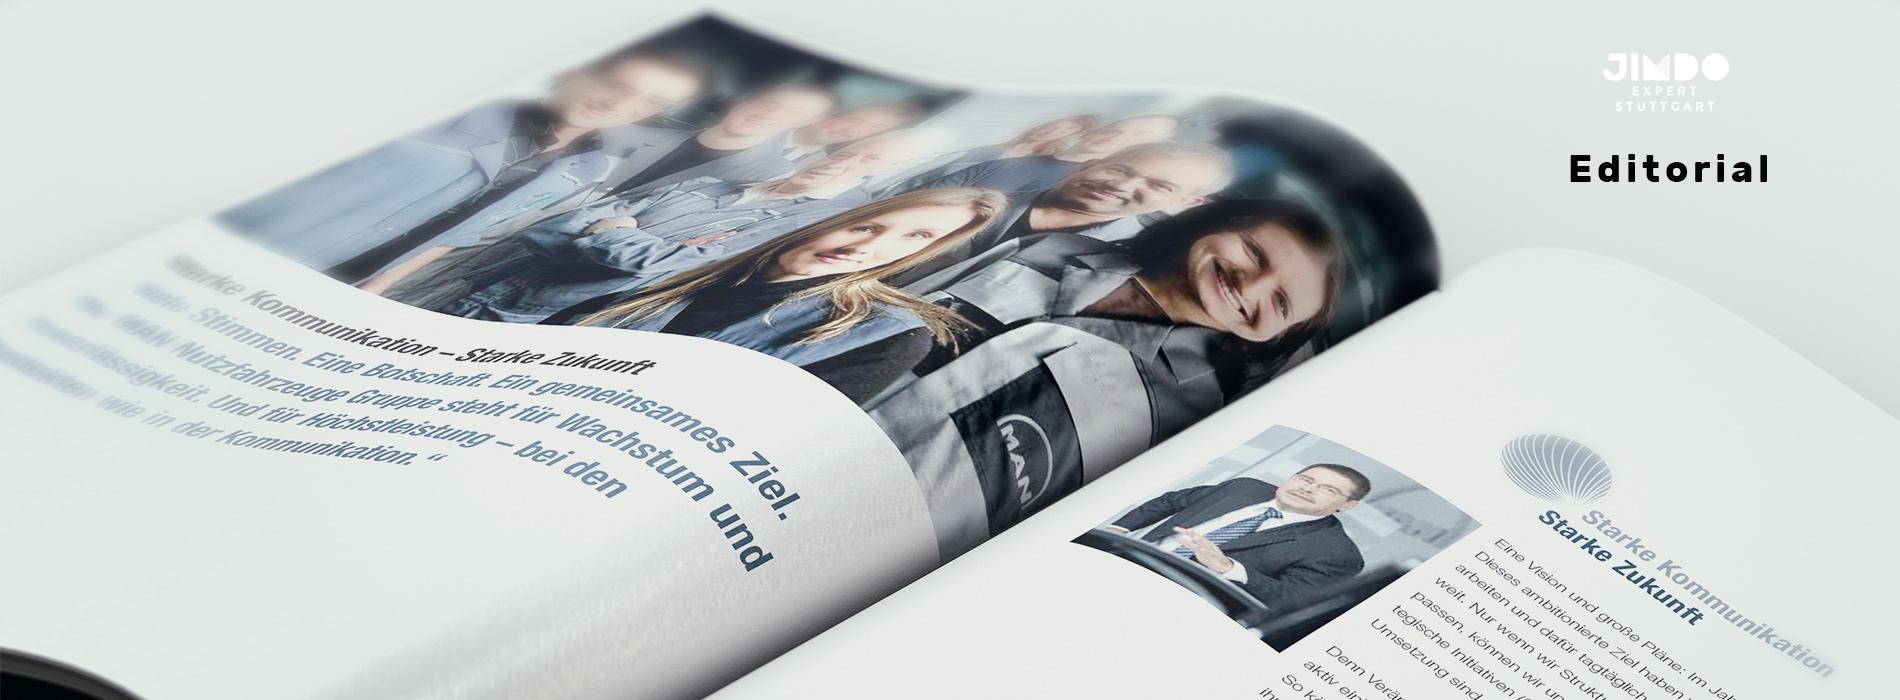 Jimdo Expert Stuttgart - Webdesign & Fotoografie - Peter Scheerer